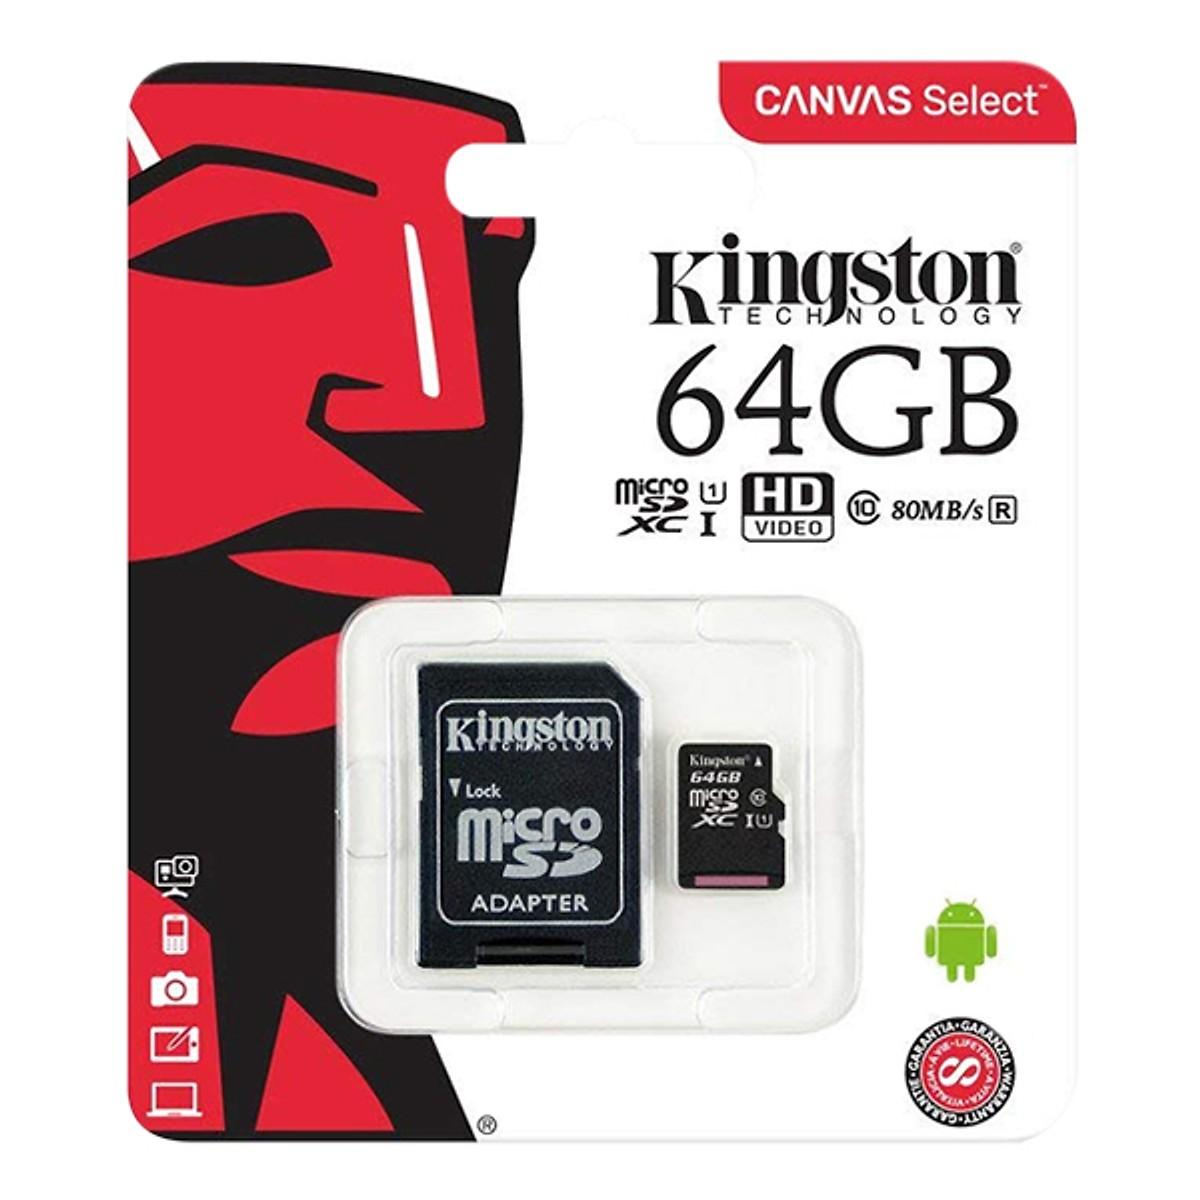 Thẻ nhớ microSD Kingston 64G Class 10 - Hàng nhập khẩu chính hãng